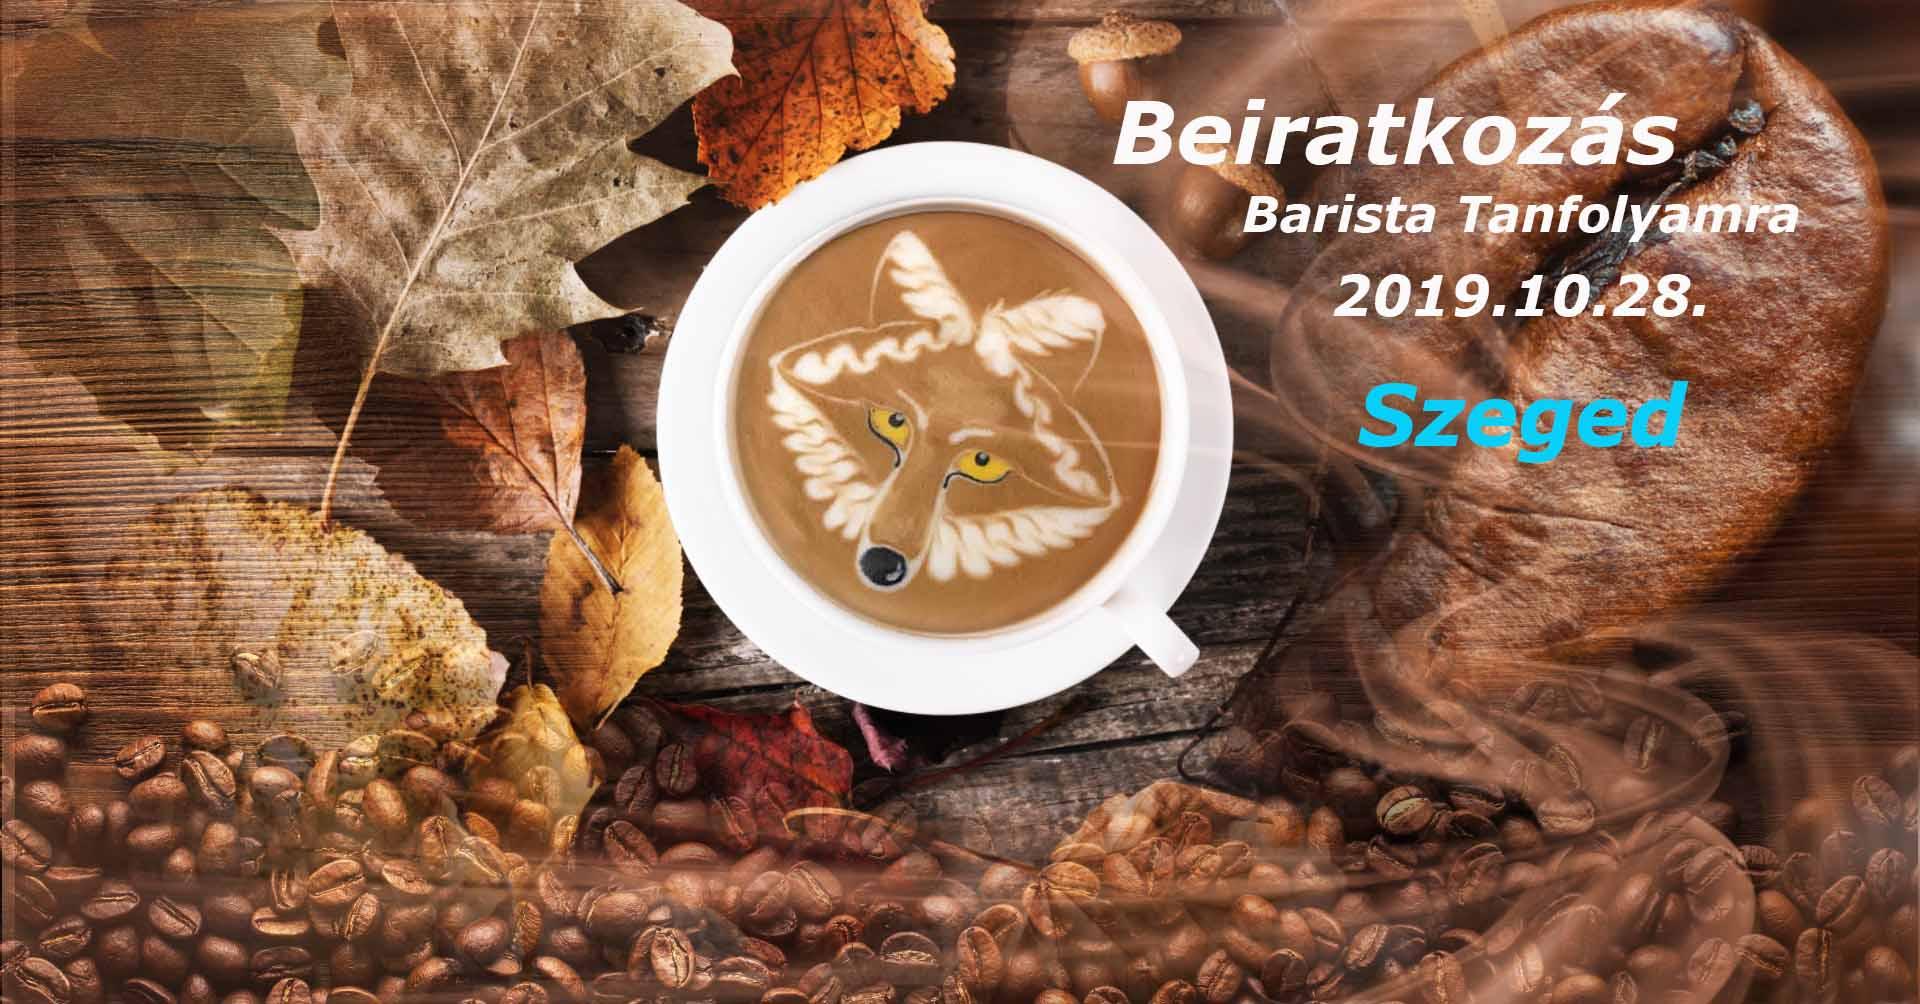 Barista tanfolyam beiratkozás Szegeden október 28-án!